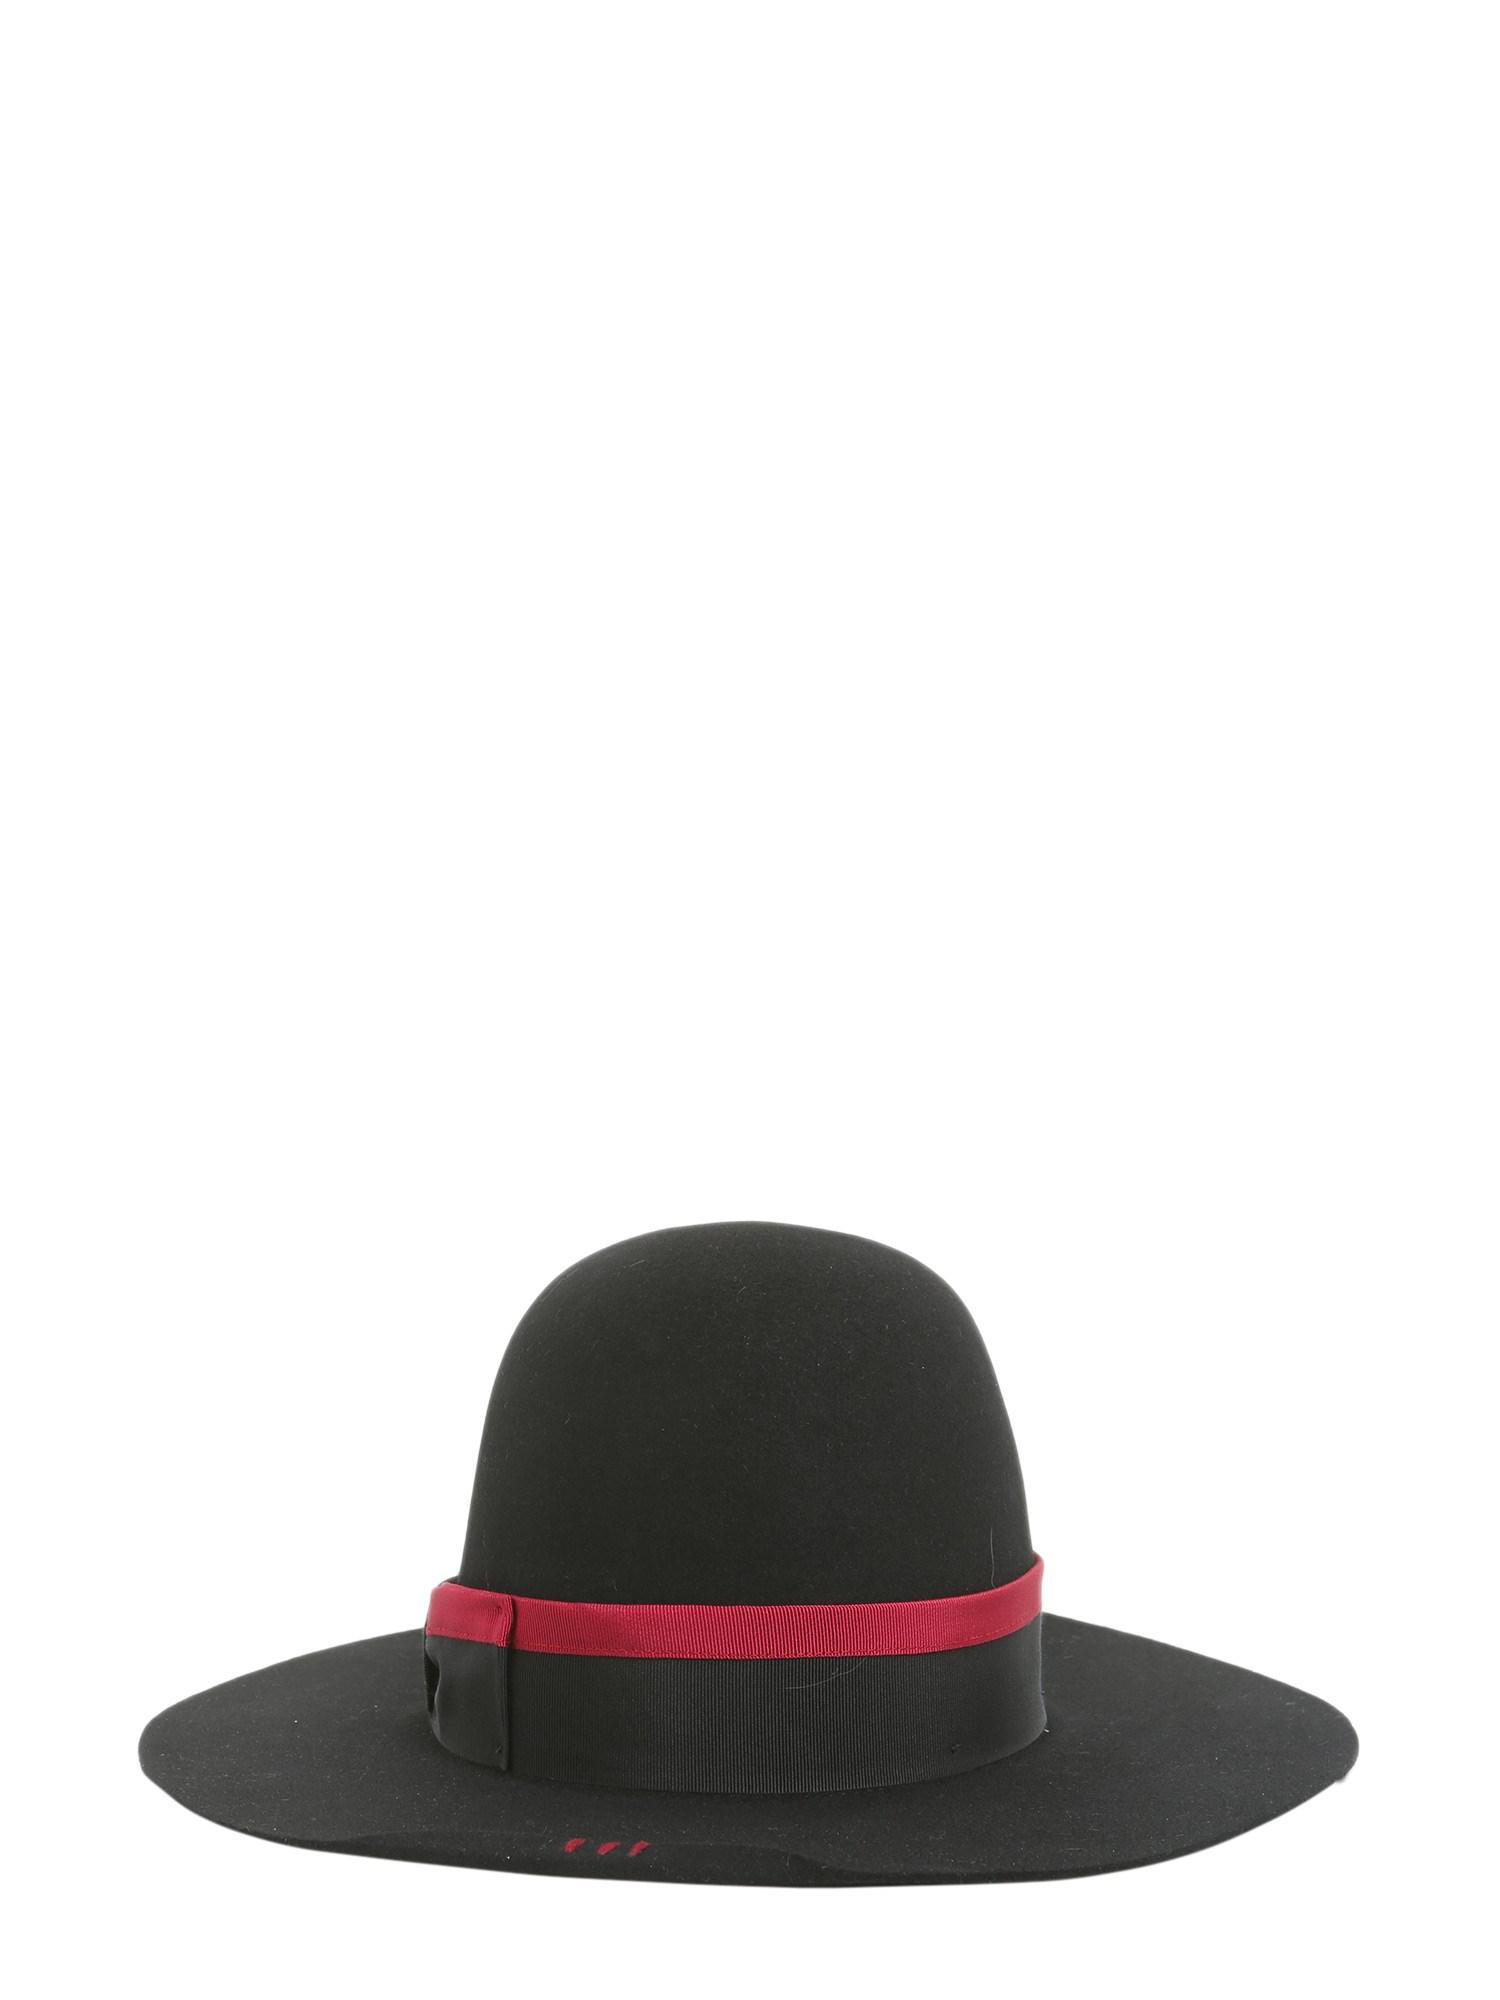 Borsalino Cappello Beaver Nick Fouquet Edizione Limitata in Black - Lyst 7209d2f99b0e